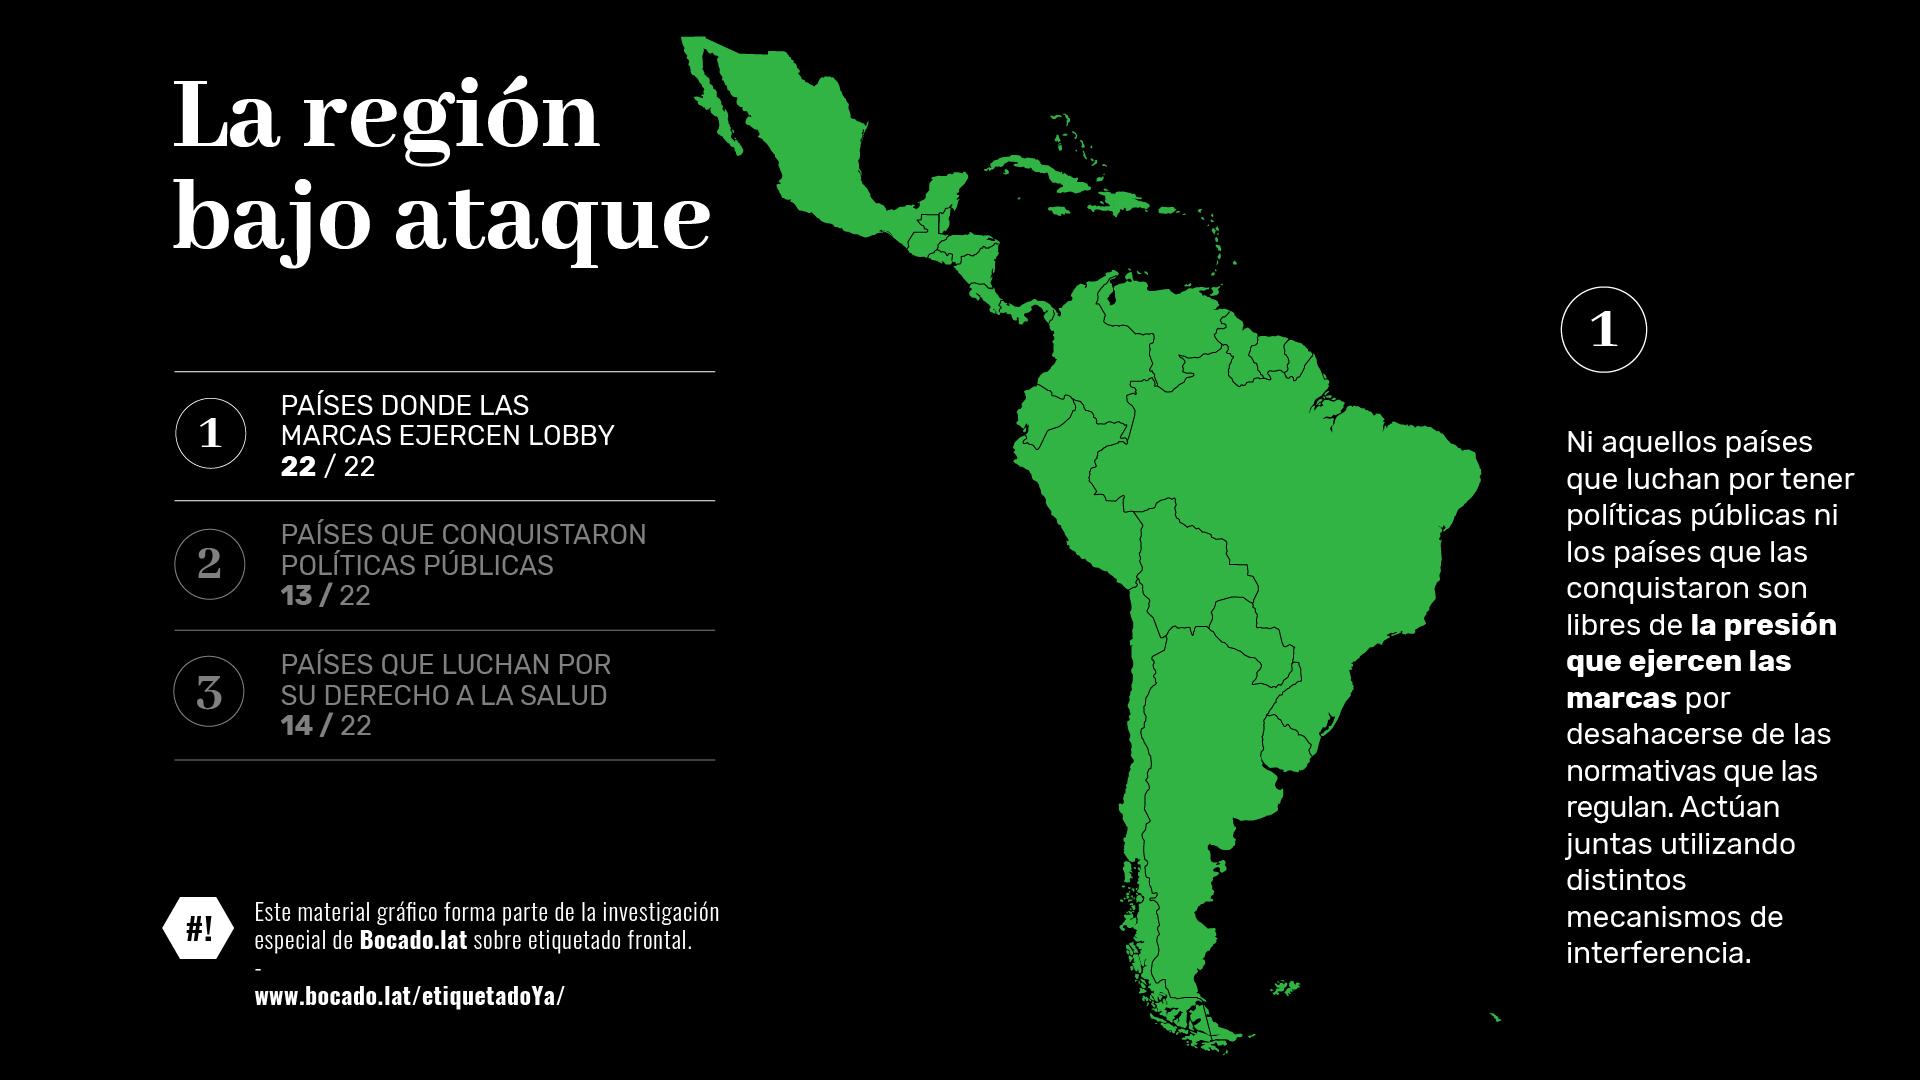 La_region_bajo_ataque_1_Bocado